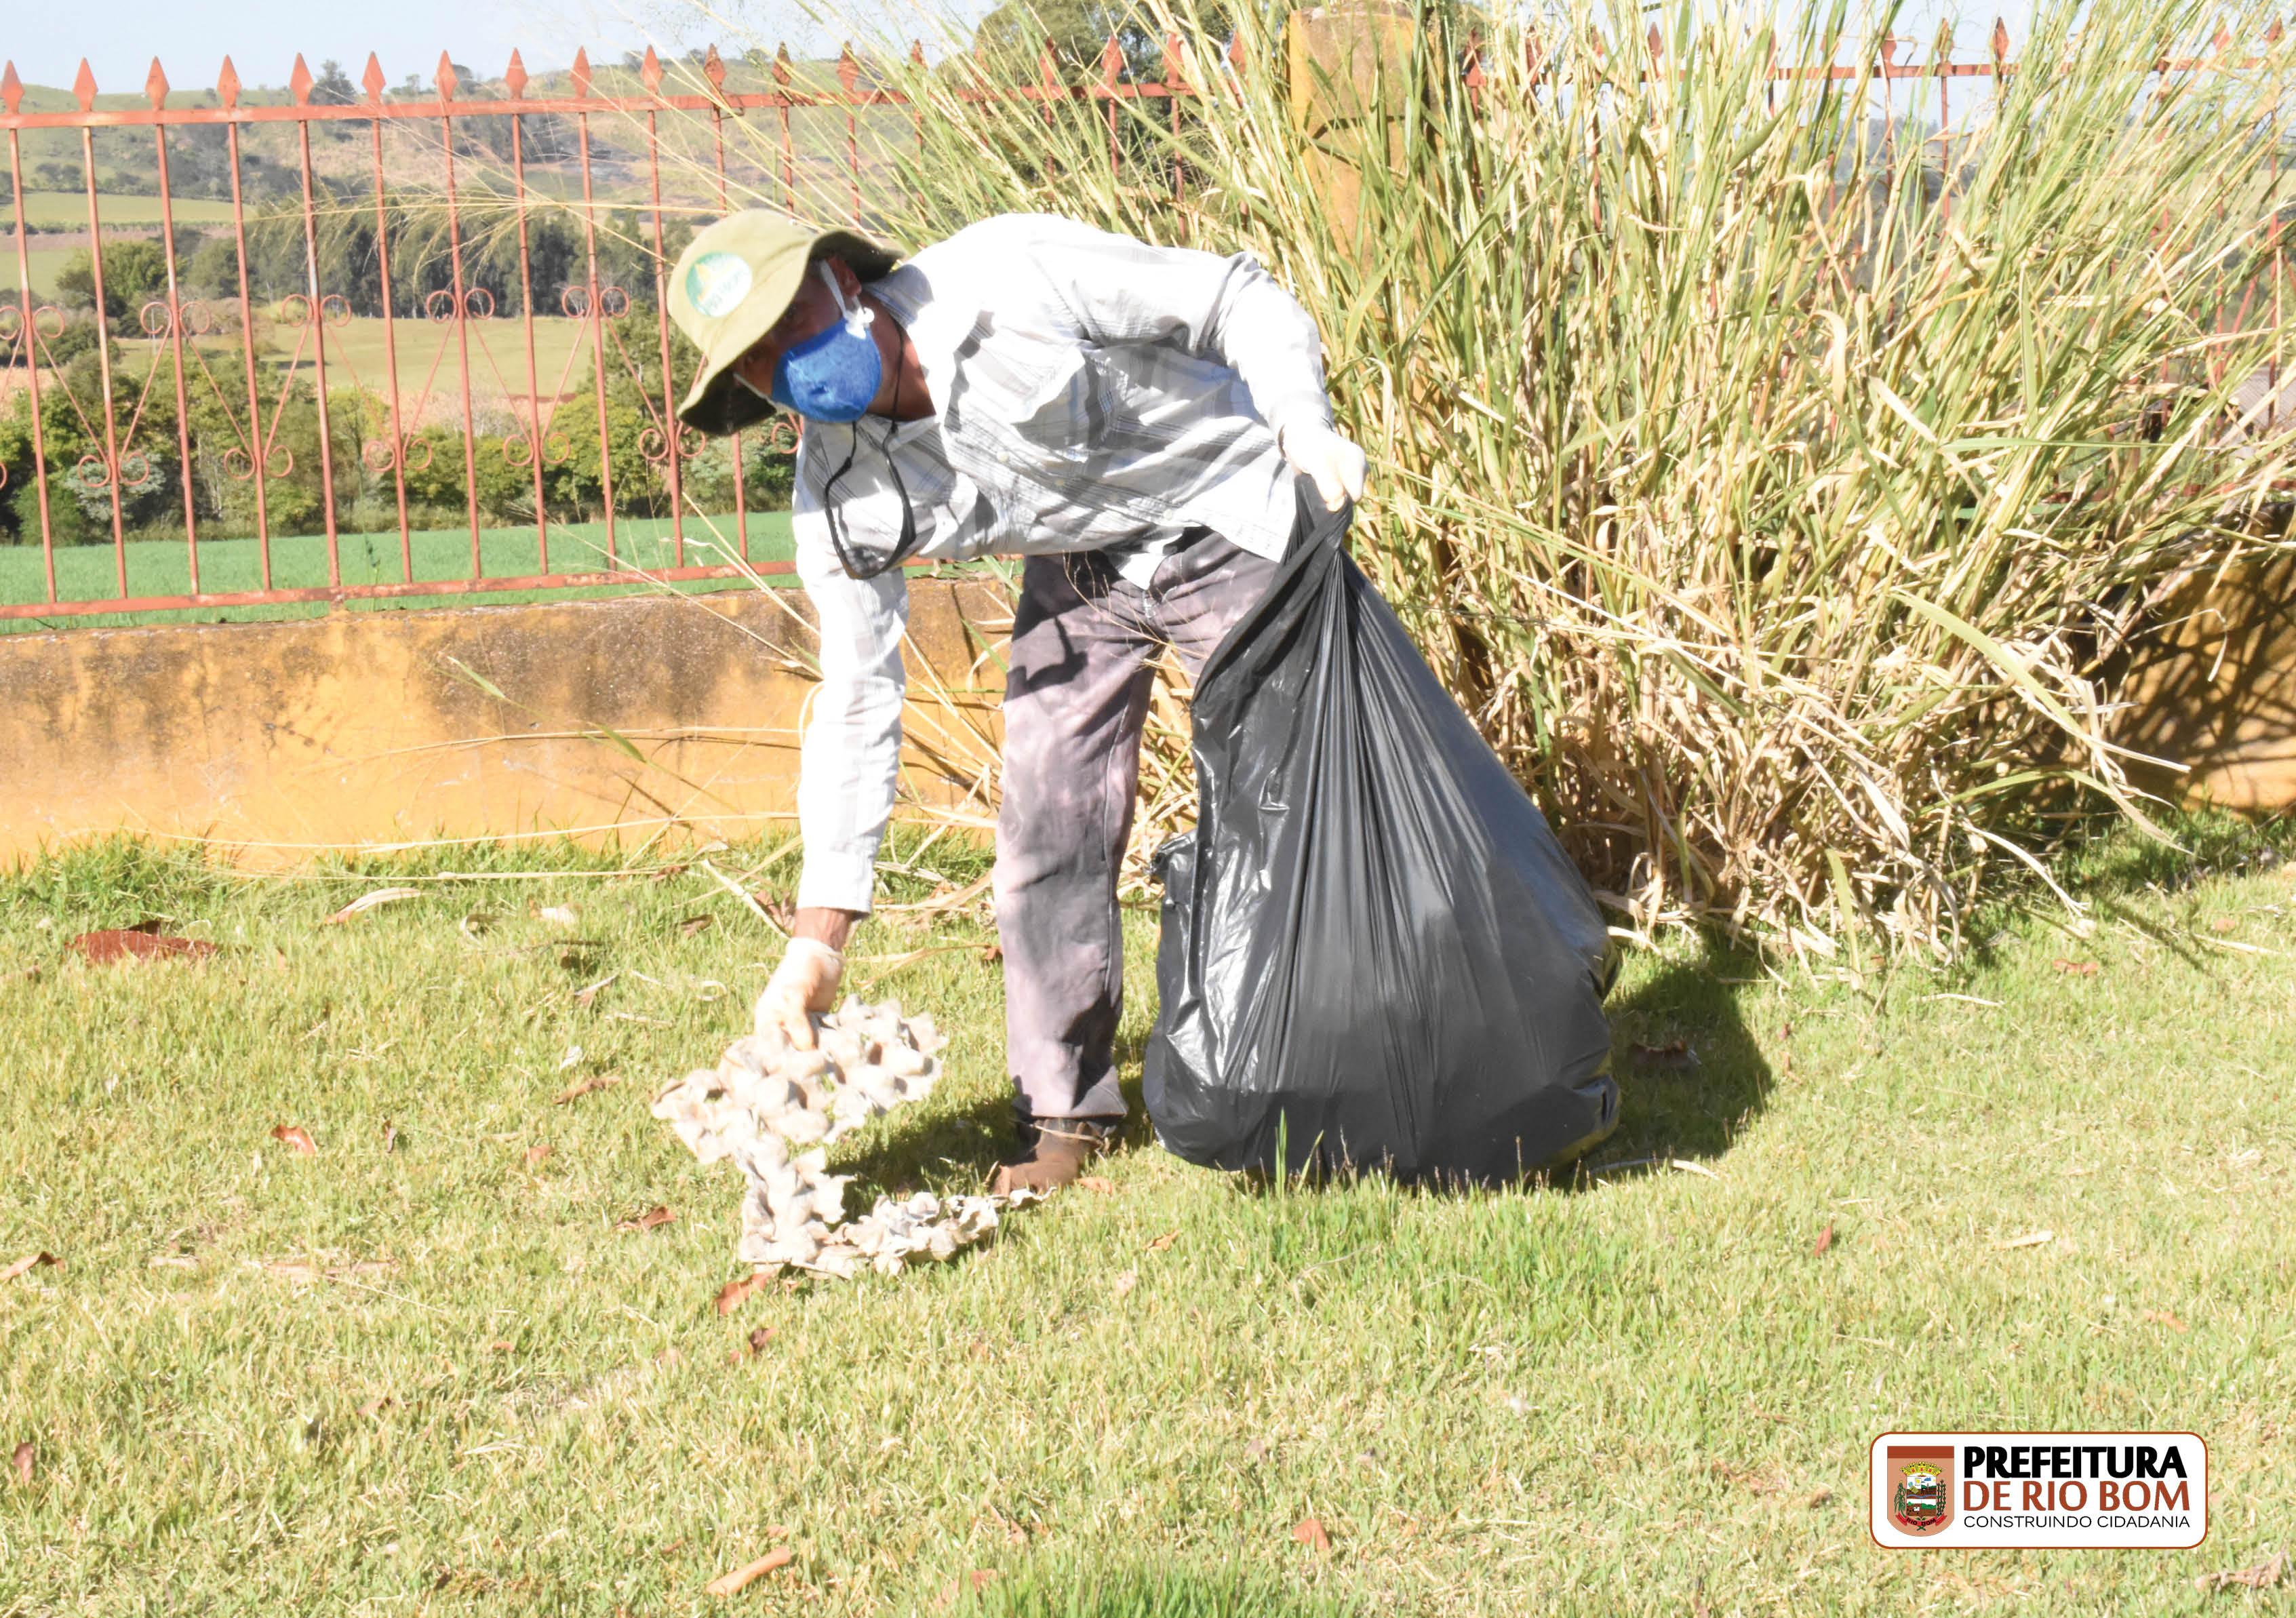 Prefeitura e AMS realizam mutirão de combate ao Aedes Aegypti